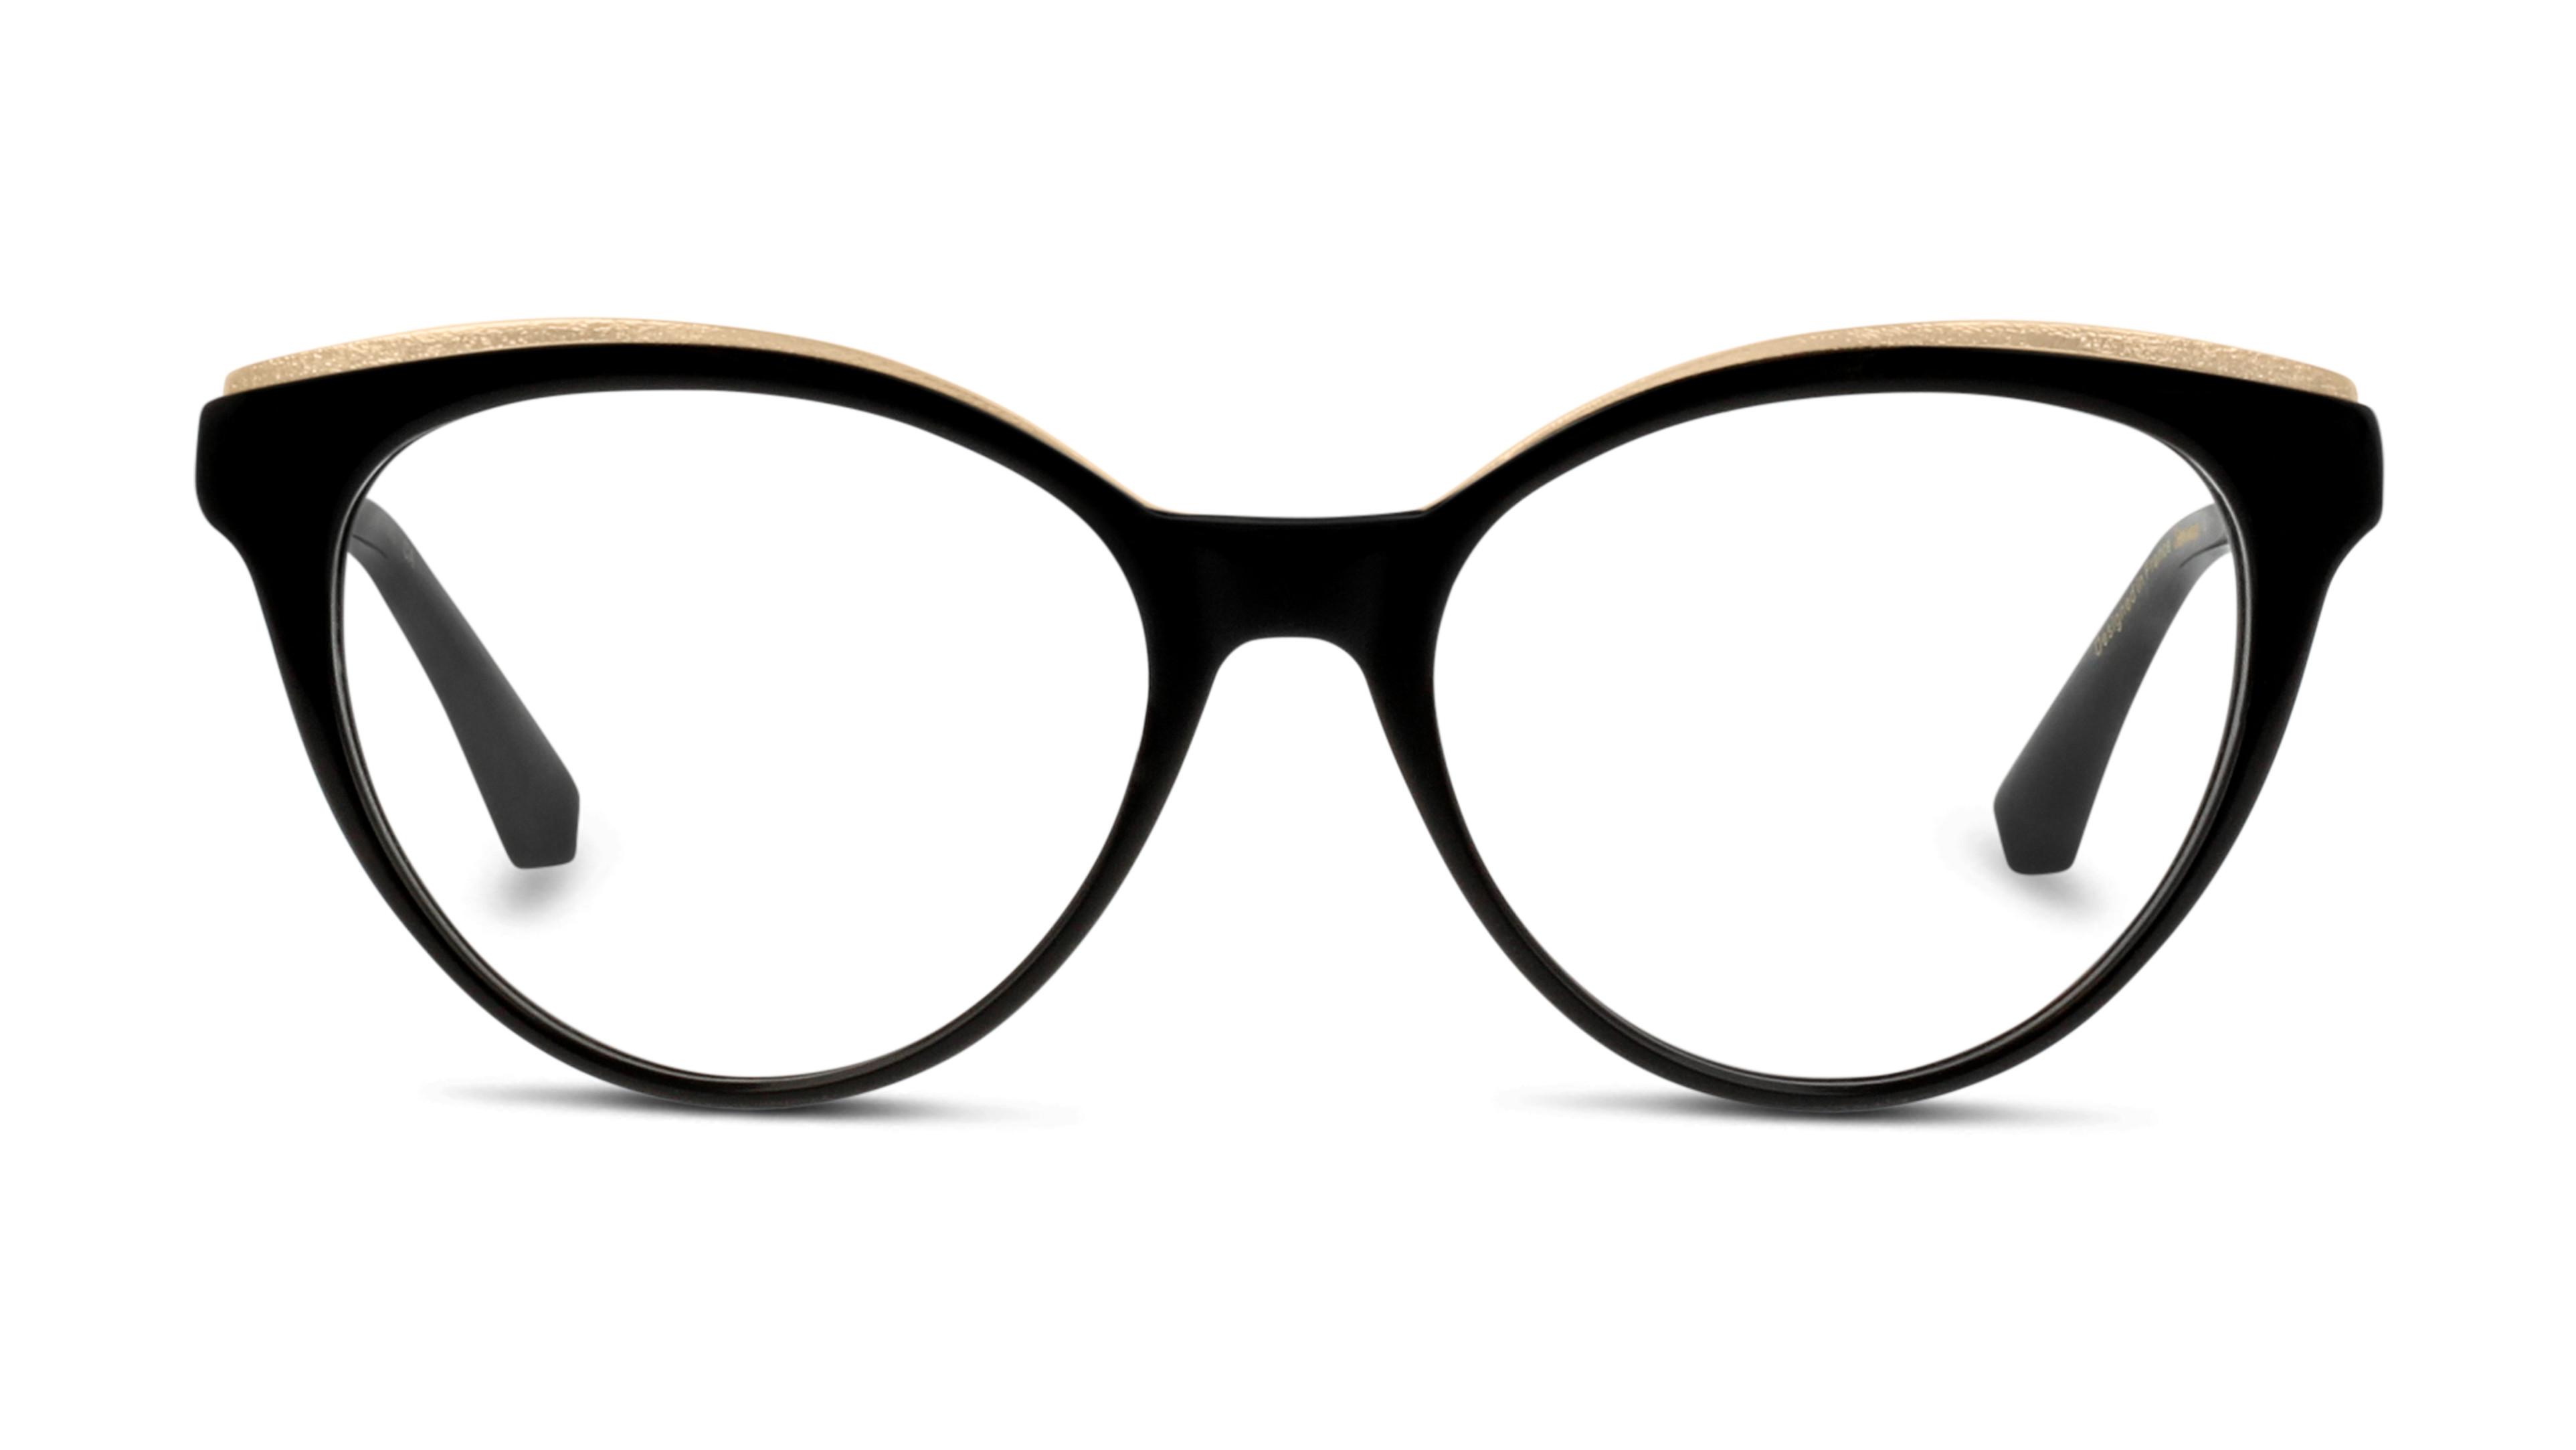 8719154625374-front-01-sensaya-syhf37-eyewear-black-black